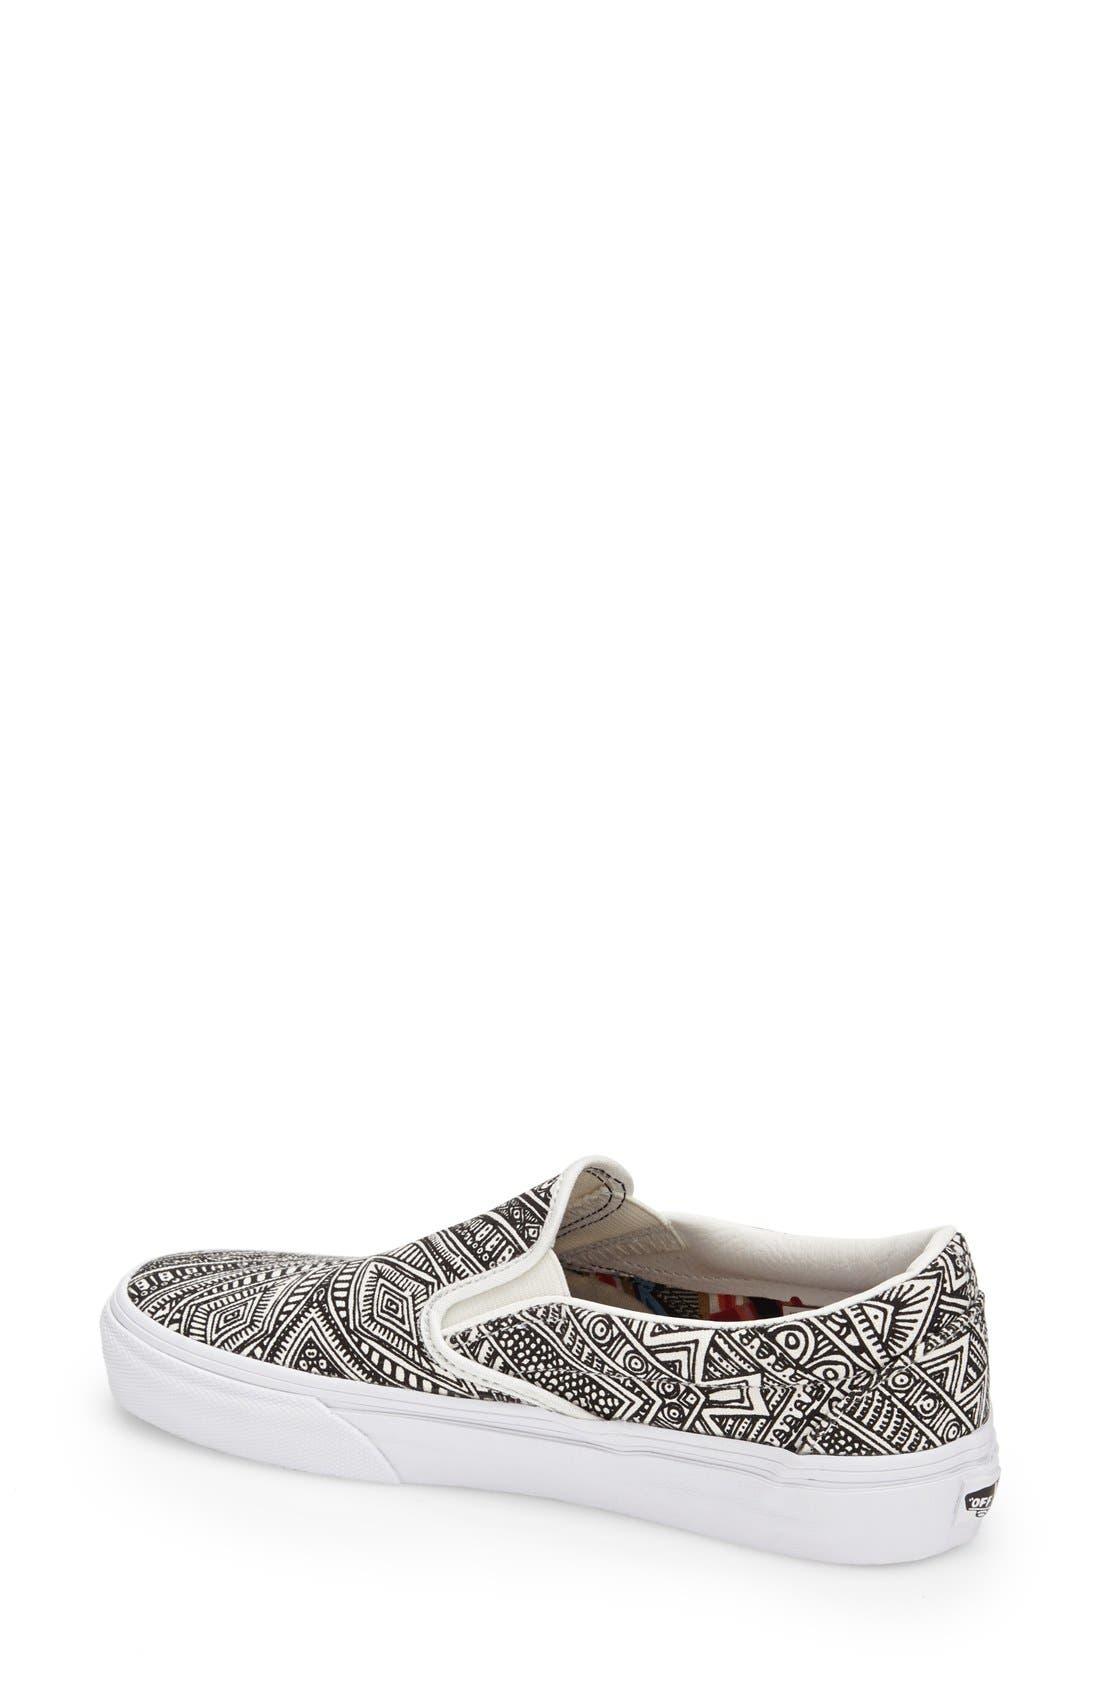 Alternate Image 2  - Vans 'Classic - Zio Ziegler' Slip-On Sneaker (Women)